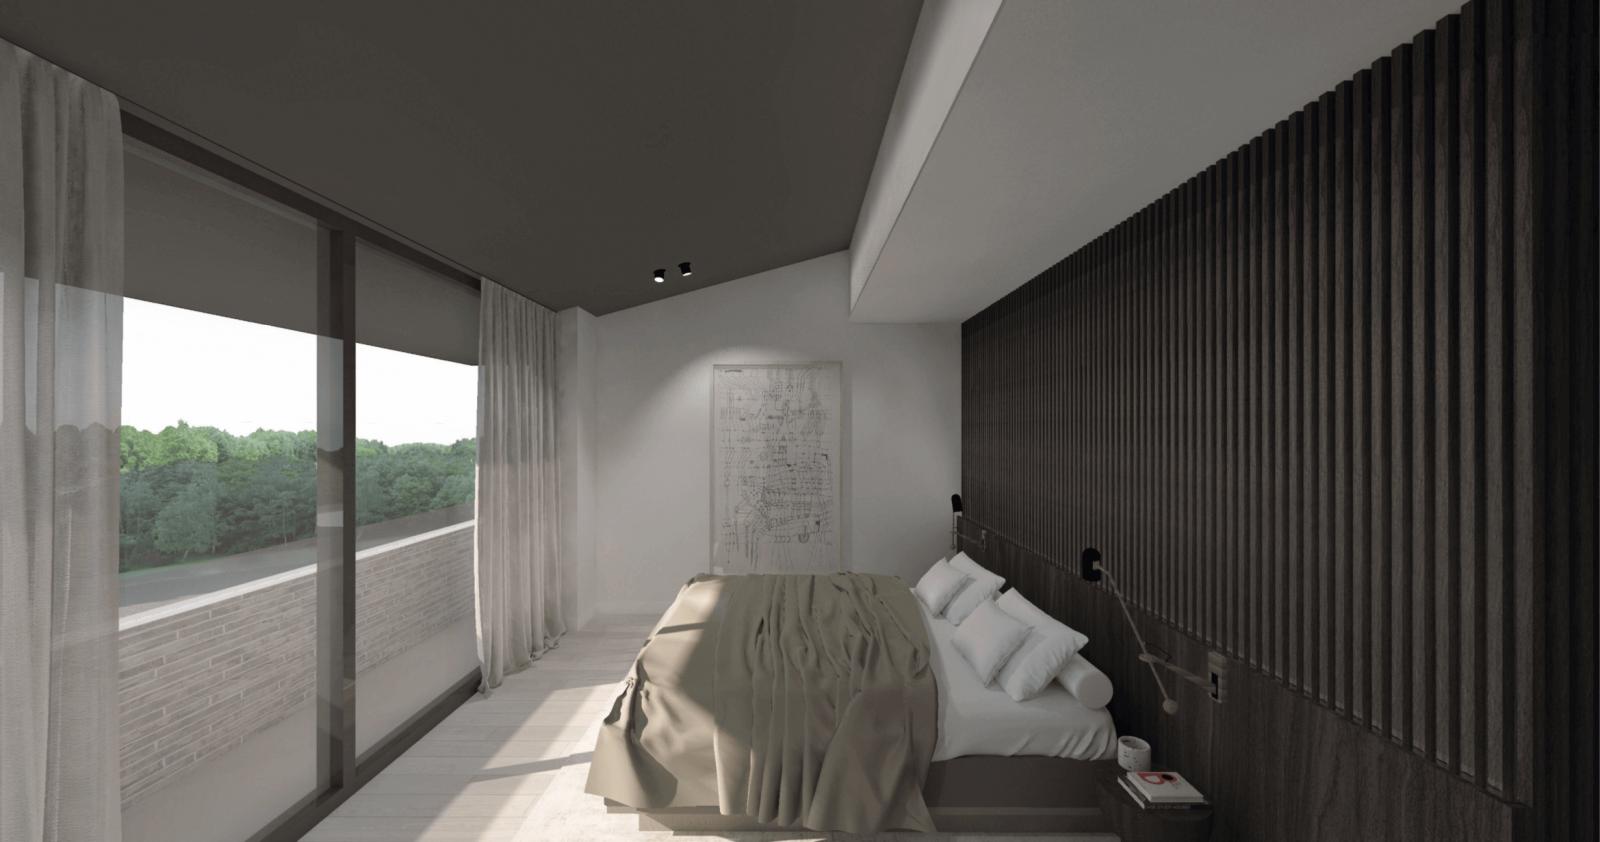 interieurontwerp-vught luxe slaapkamer binnenhuisarchitect